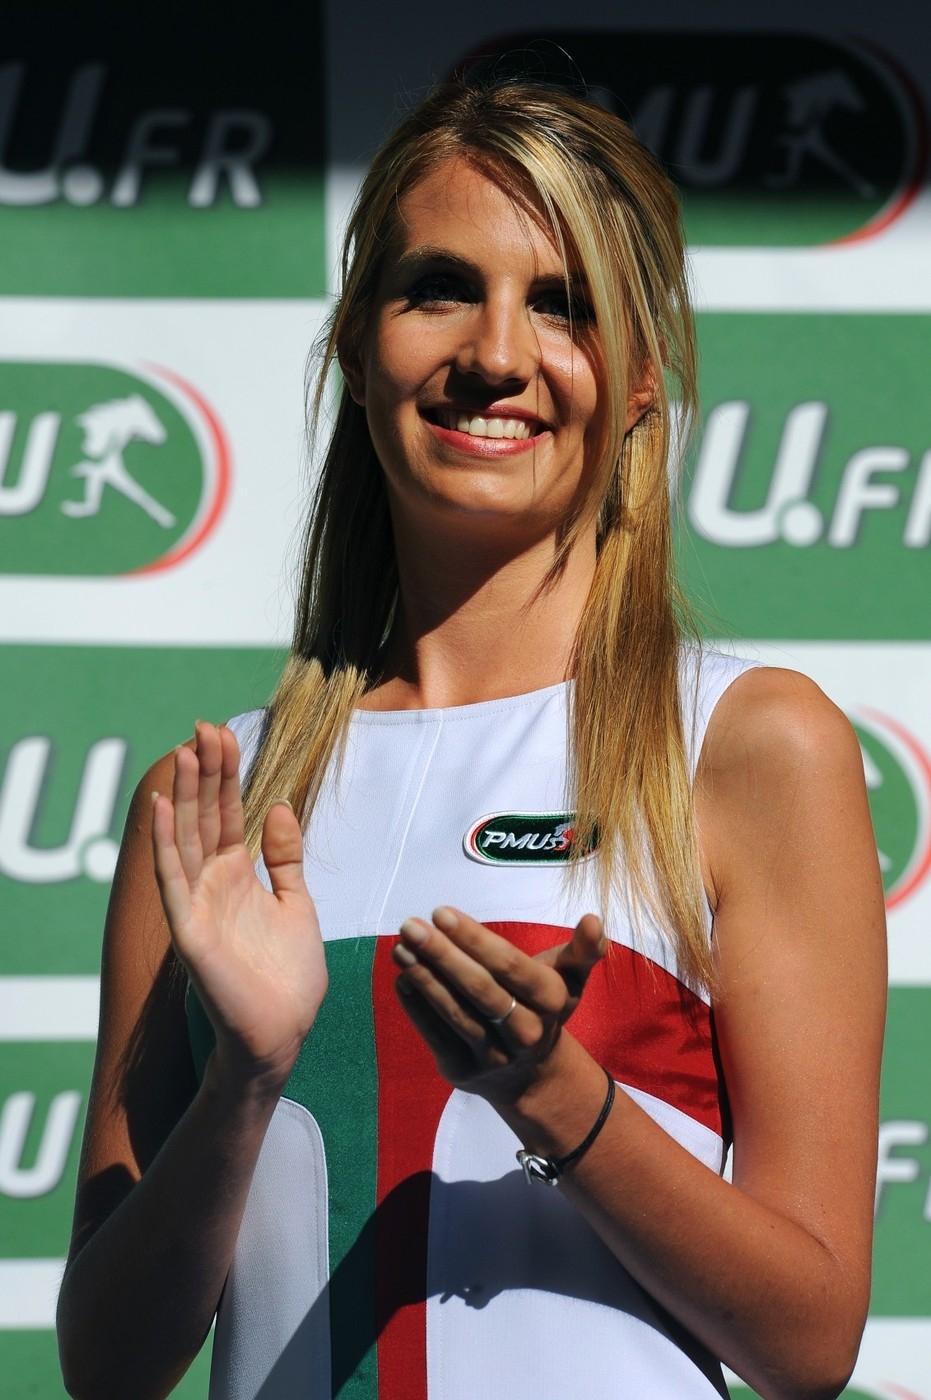 Hostesky, patřící desetiletí ke stupňům vítězů při Tour de France, letos vyhlašování vítězů provázet nebudou.